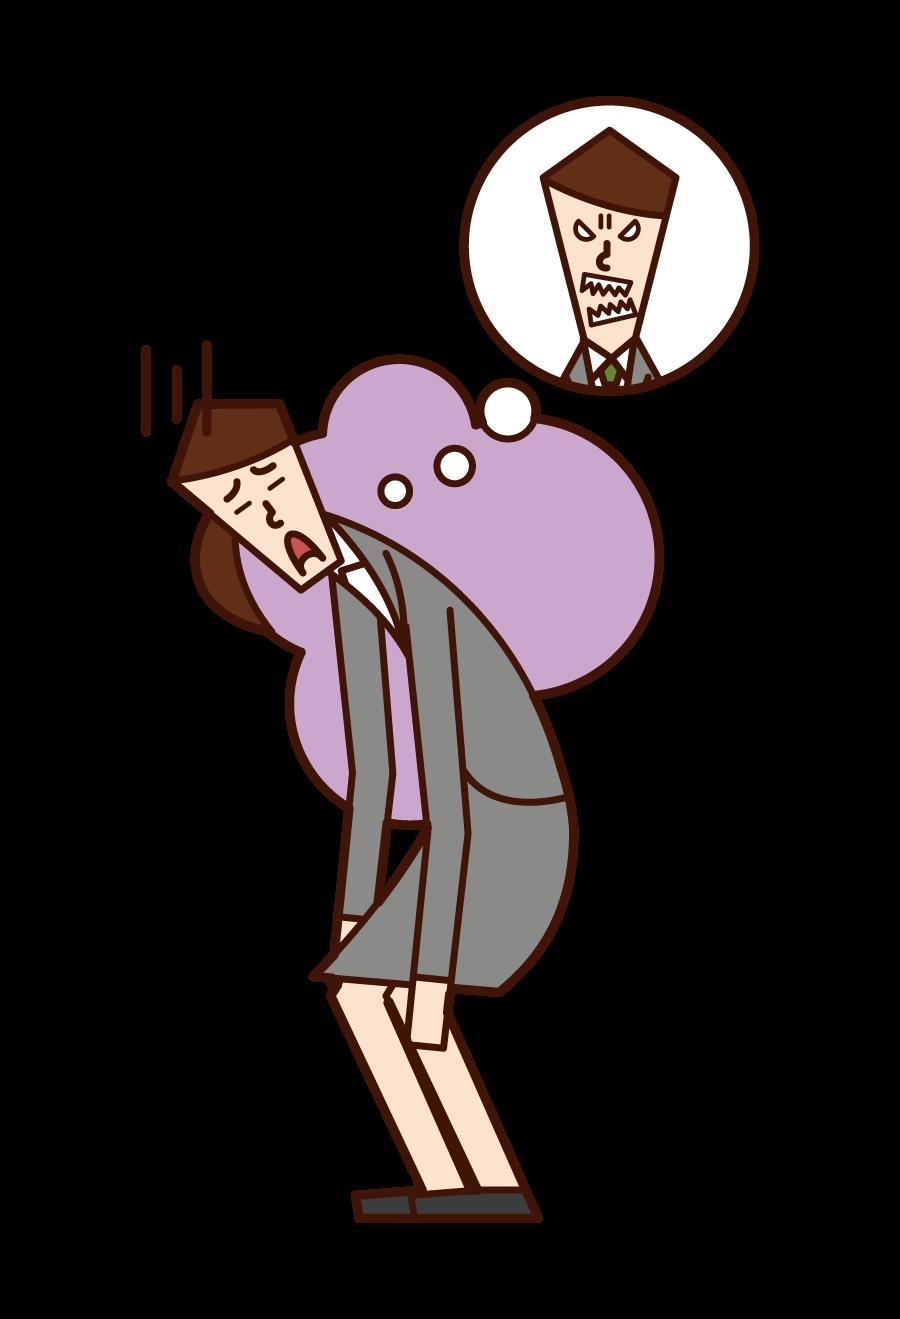 上司を嫌いな人(女性)のイラスト